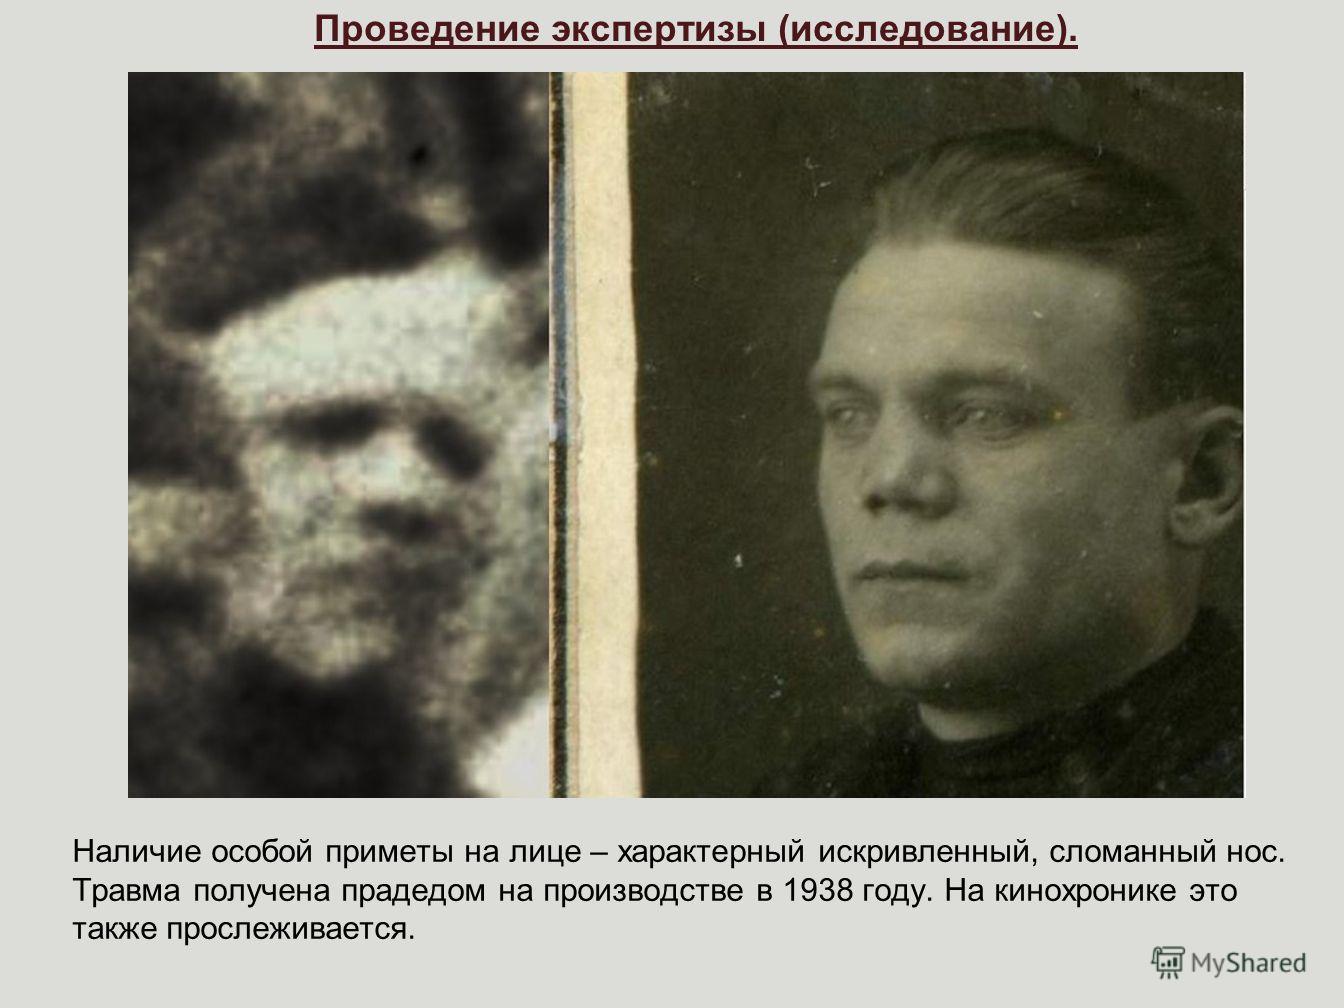 Проведение экспертизы (исследование). Наличие особой приметы на лице – характерный искривленный, сломанный нос. Травма получена прадедом на производстве в 1938 году. На кинохронике это также прослеживается.